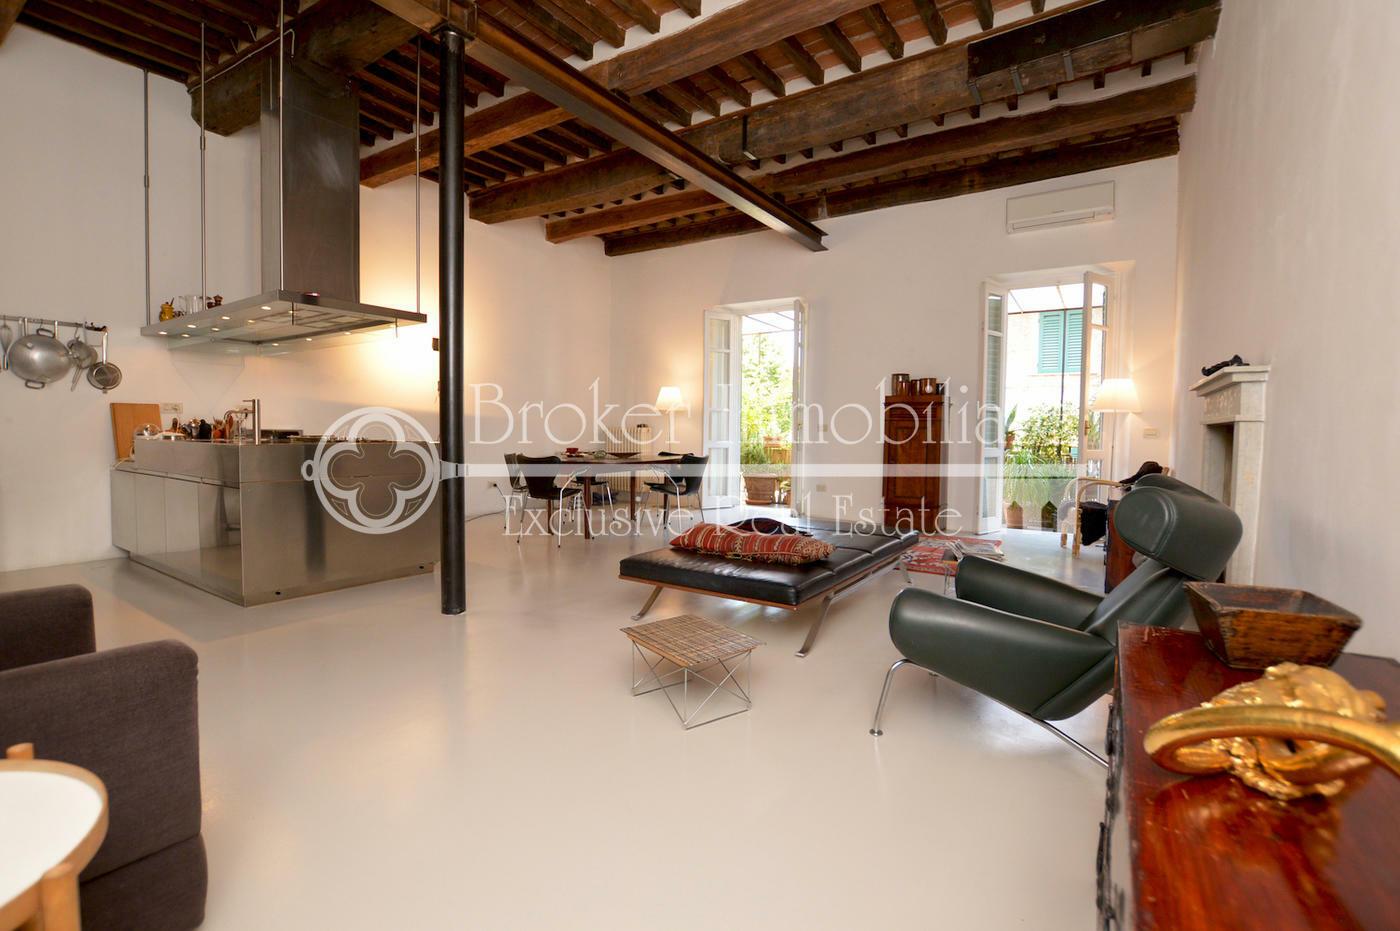 Appartamento di prestigio in vendita nel cuore del centro storico di Pietrasanta